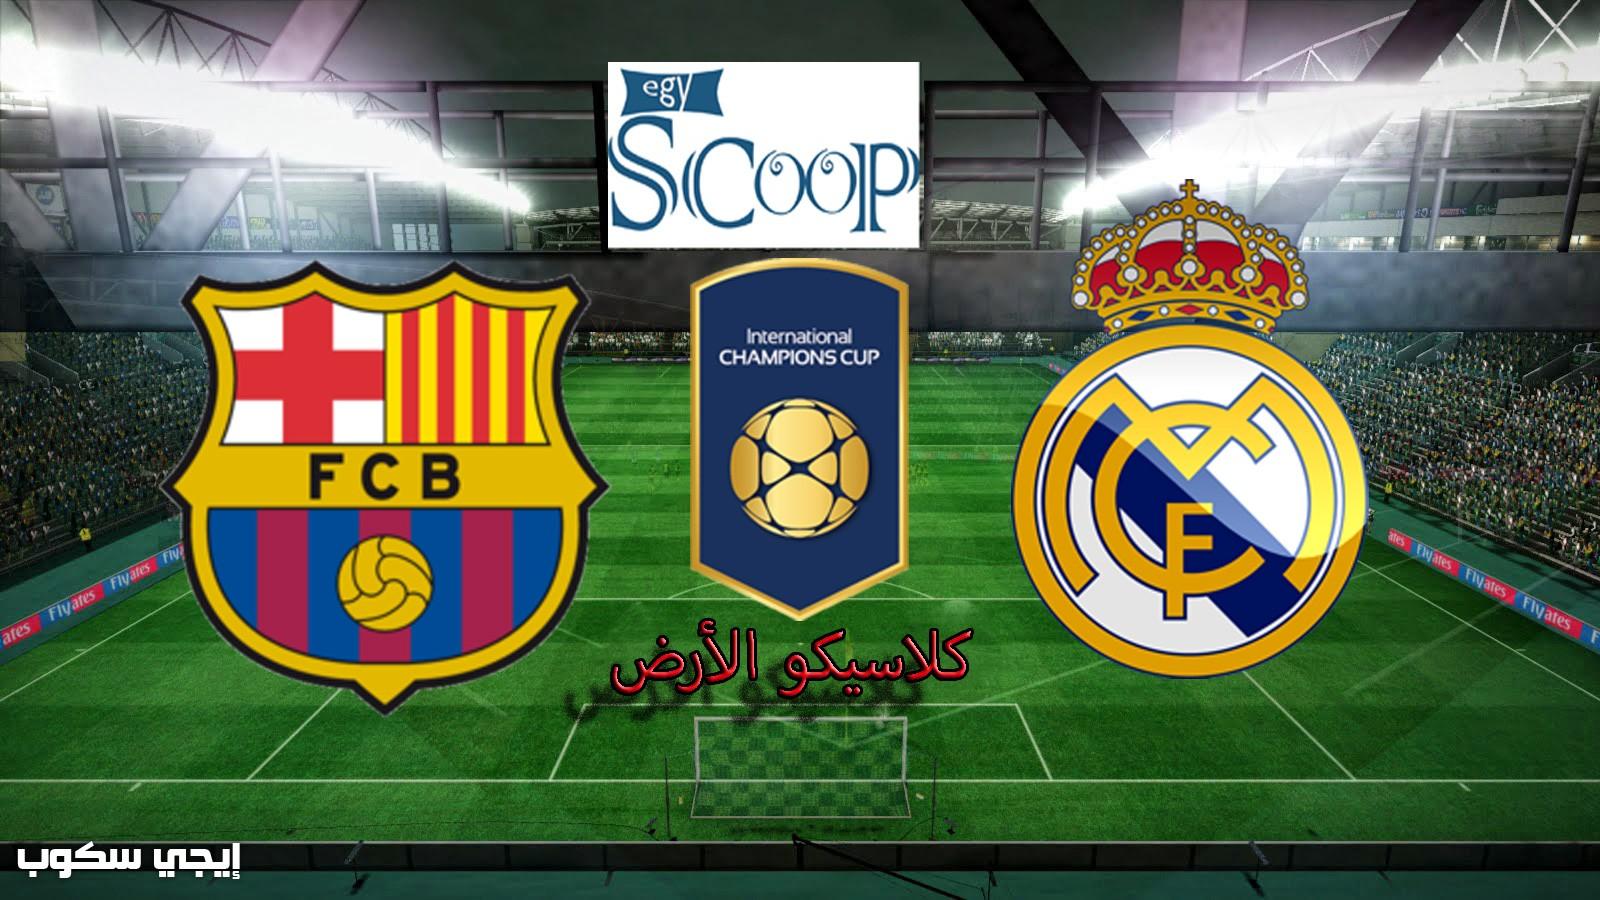 متابعة نتيجة مباراة برشلونة وريال مدريد اليوم كلاسيكو الارض والقنوات المجانية الناقلة الكأس الدولية - إيجي سكوب